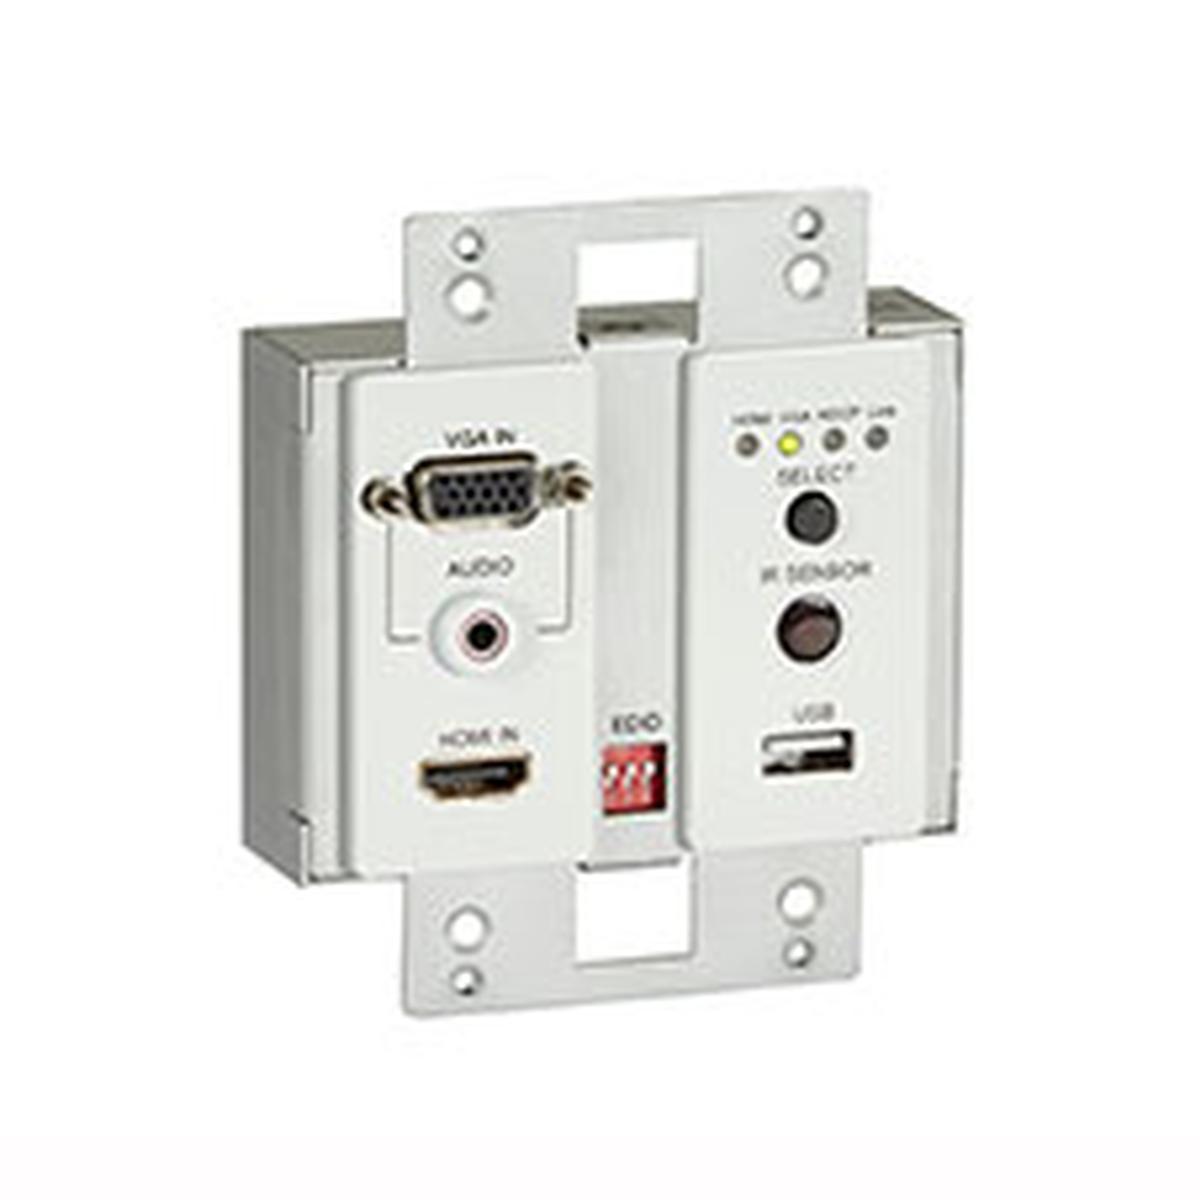 Vx 1002 Tx Vx1000 Series Extender Wallplate Transmitter